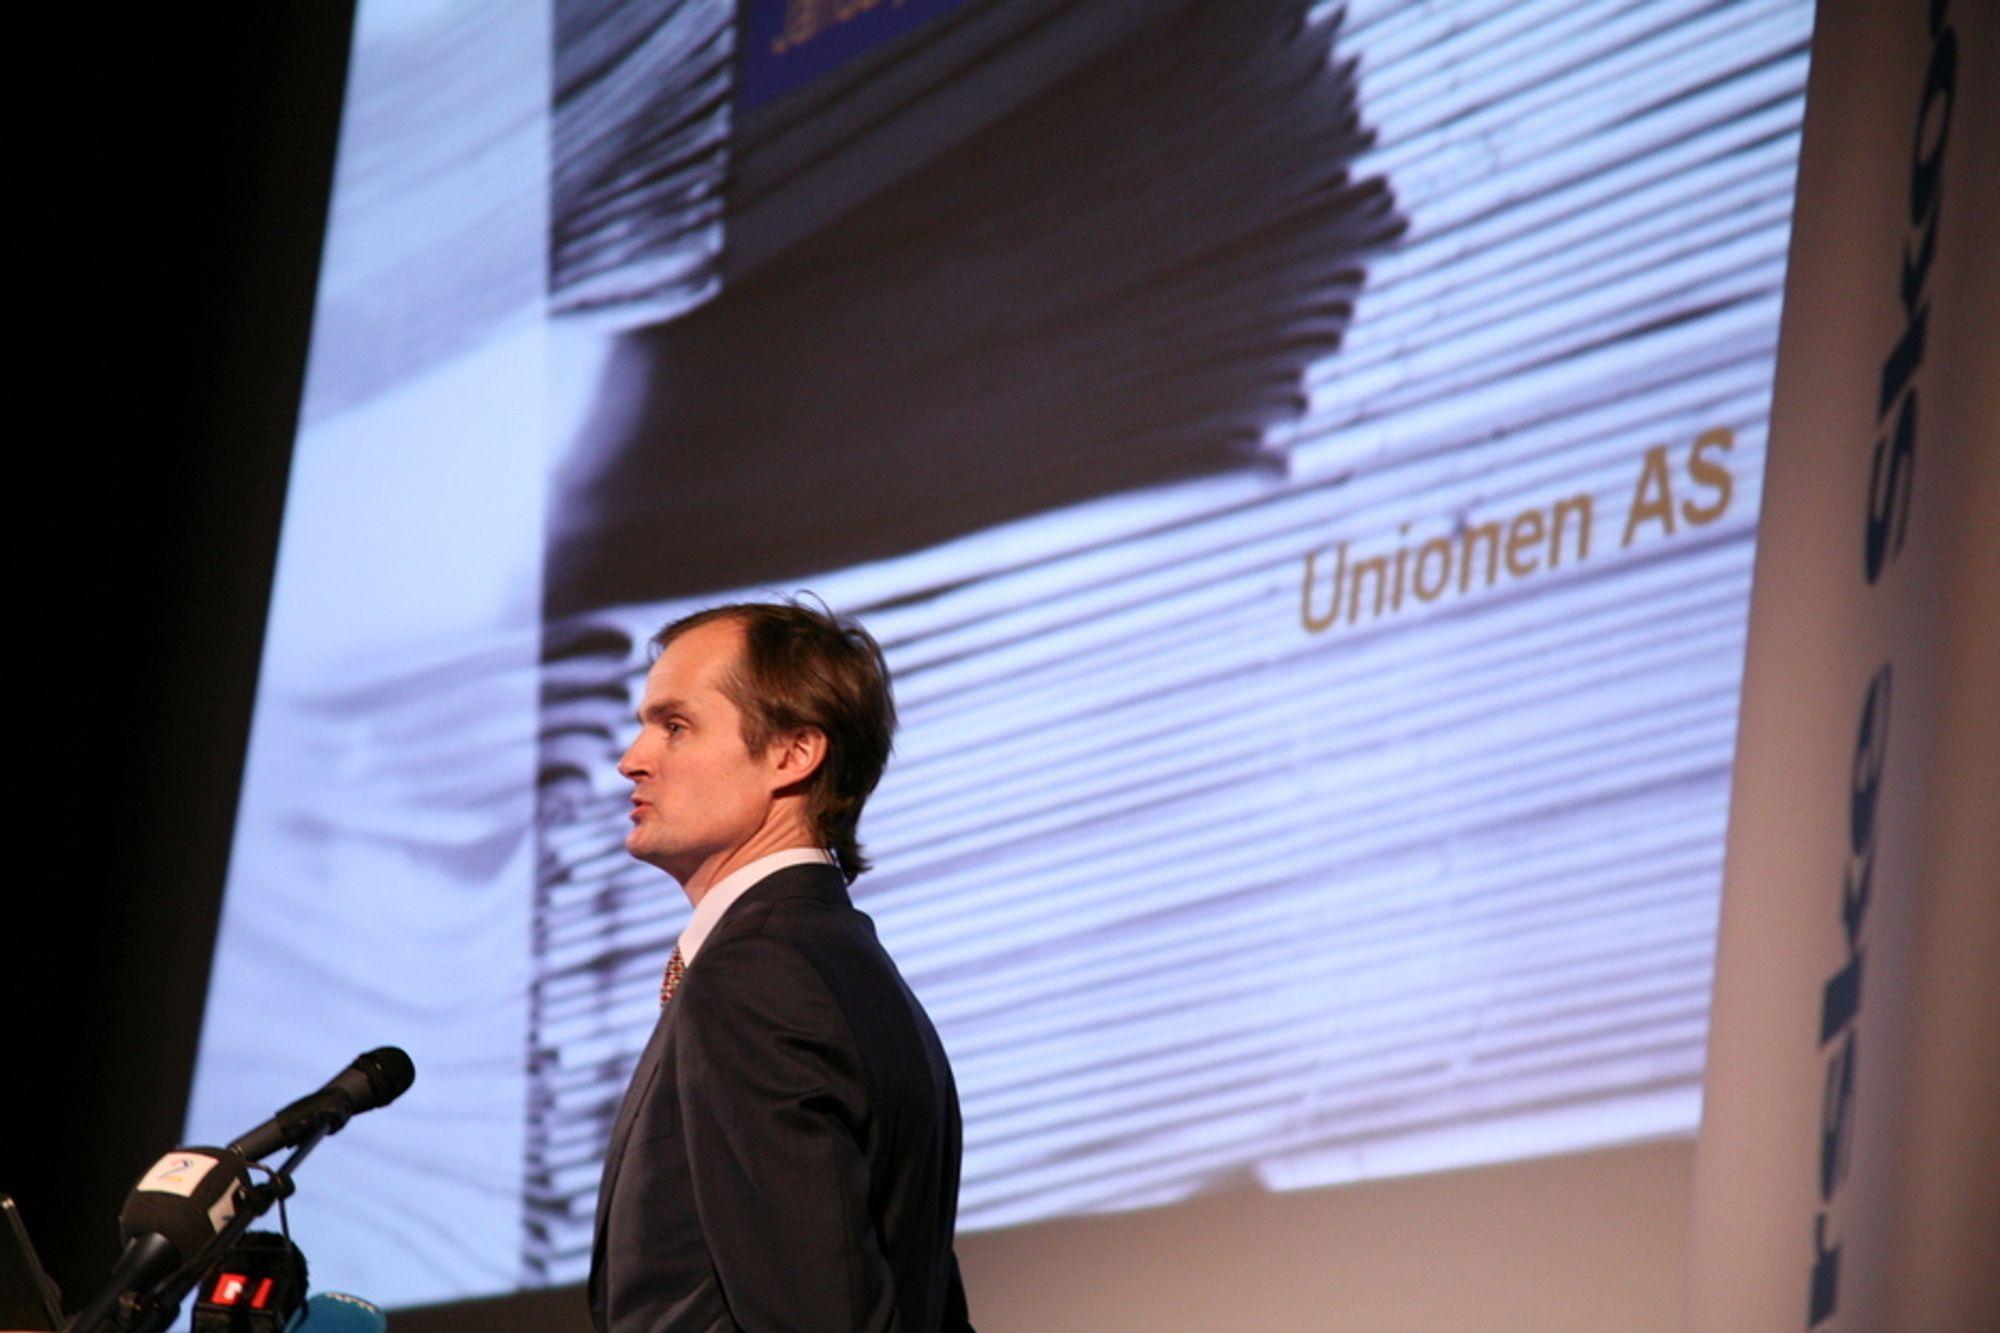 Kjendisinvestor Øystein Stray Spetalen fra Unionen AS stiler mot toppen i Norske Skog.